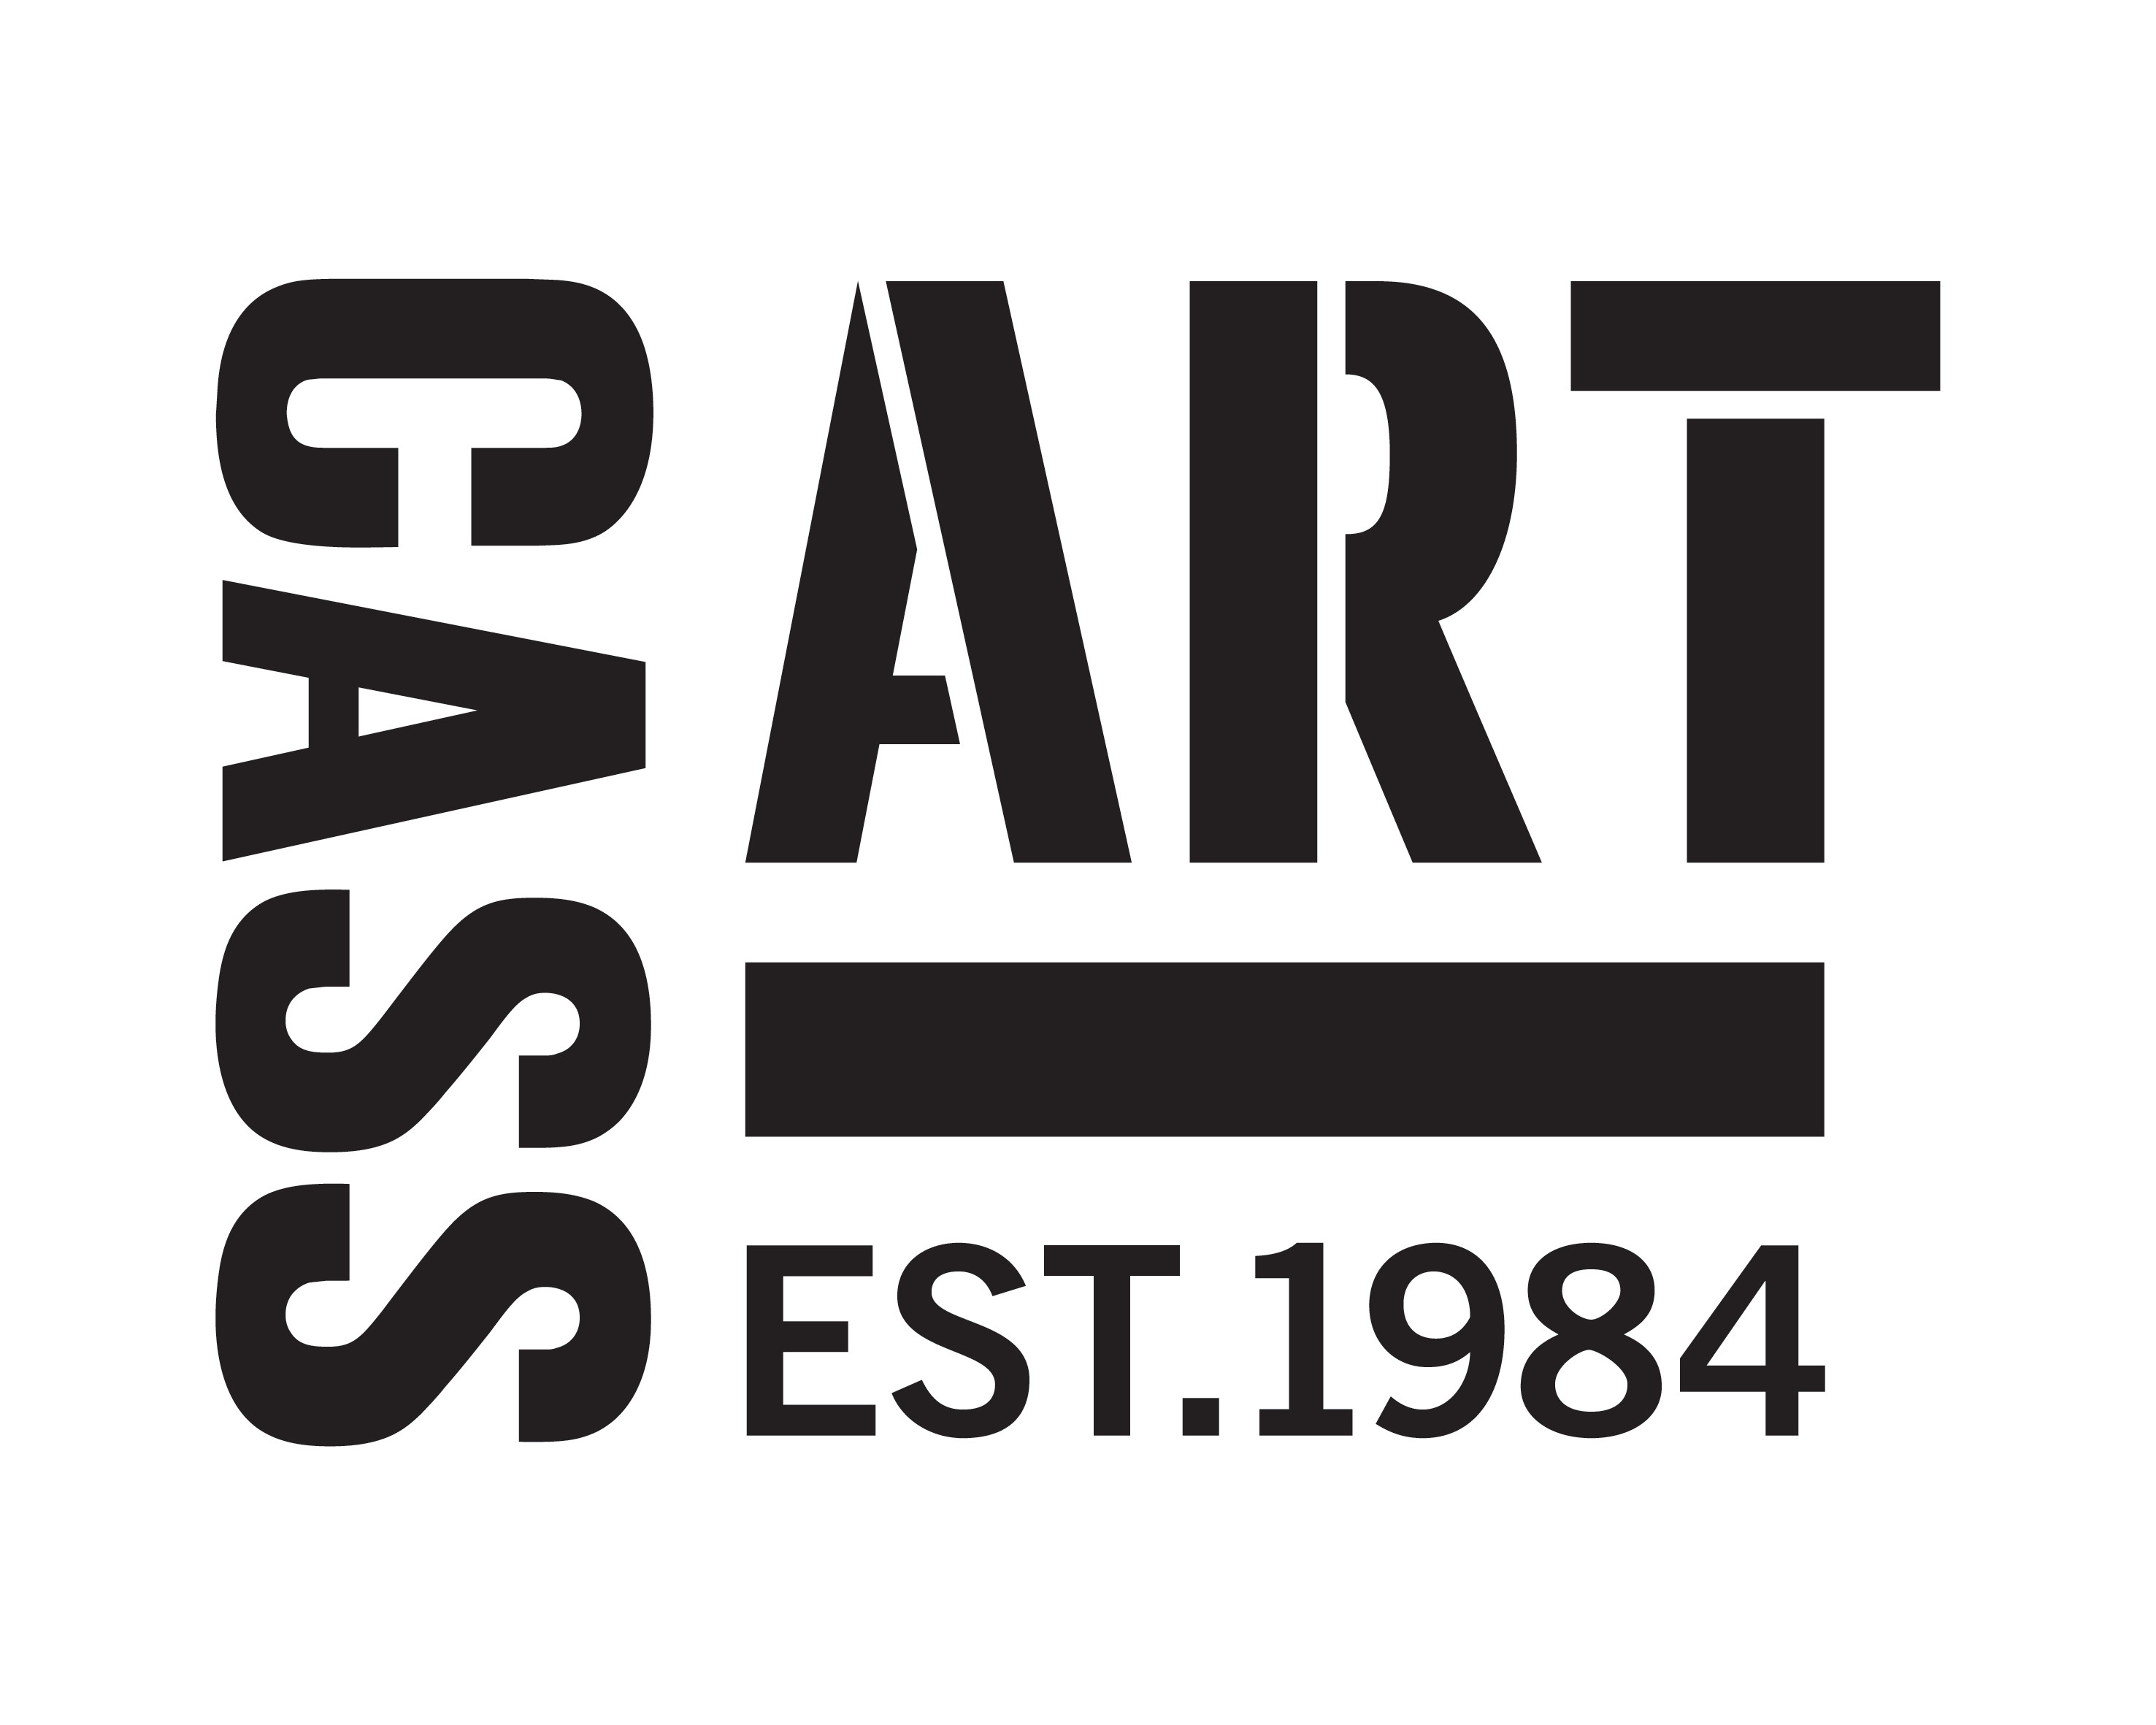 Exhibitions sponsor